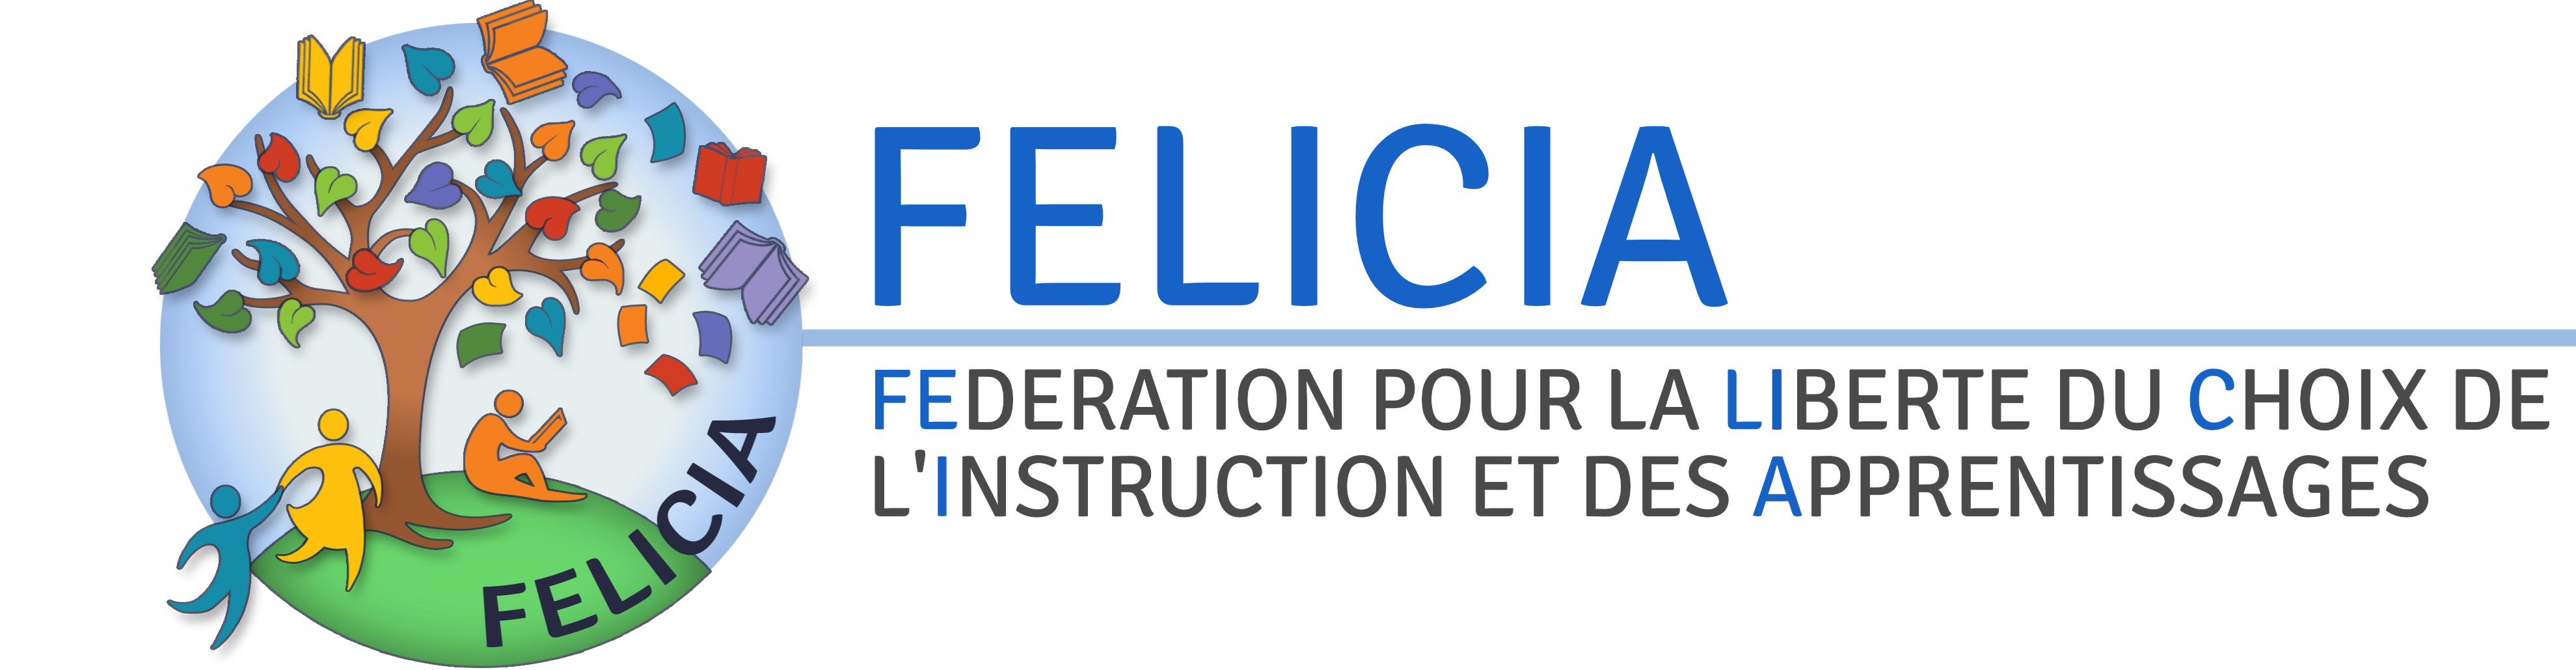 FELICIA - Fédération pour la Liberté de Choix de l'Instruction et des Apprentissages